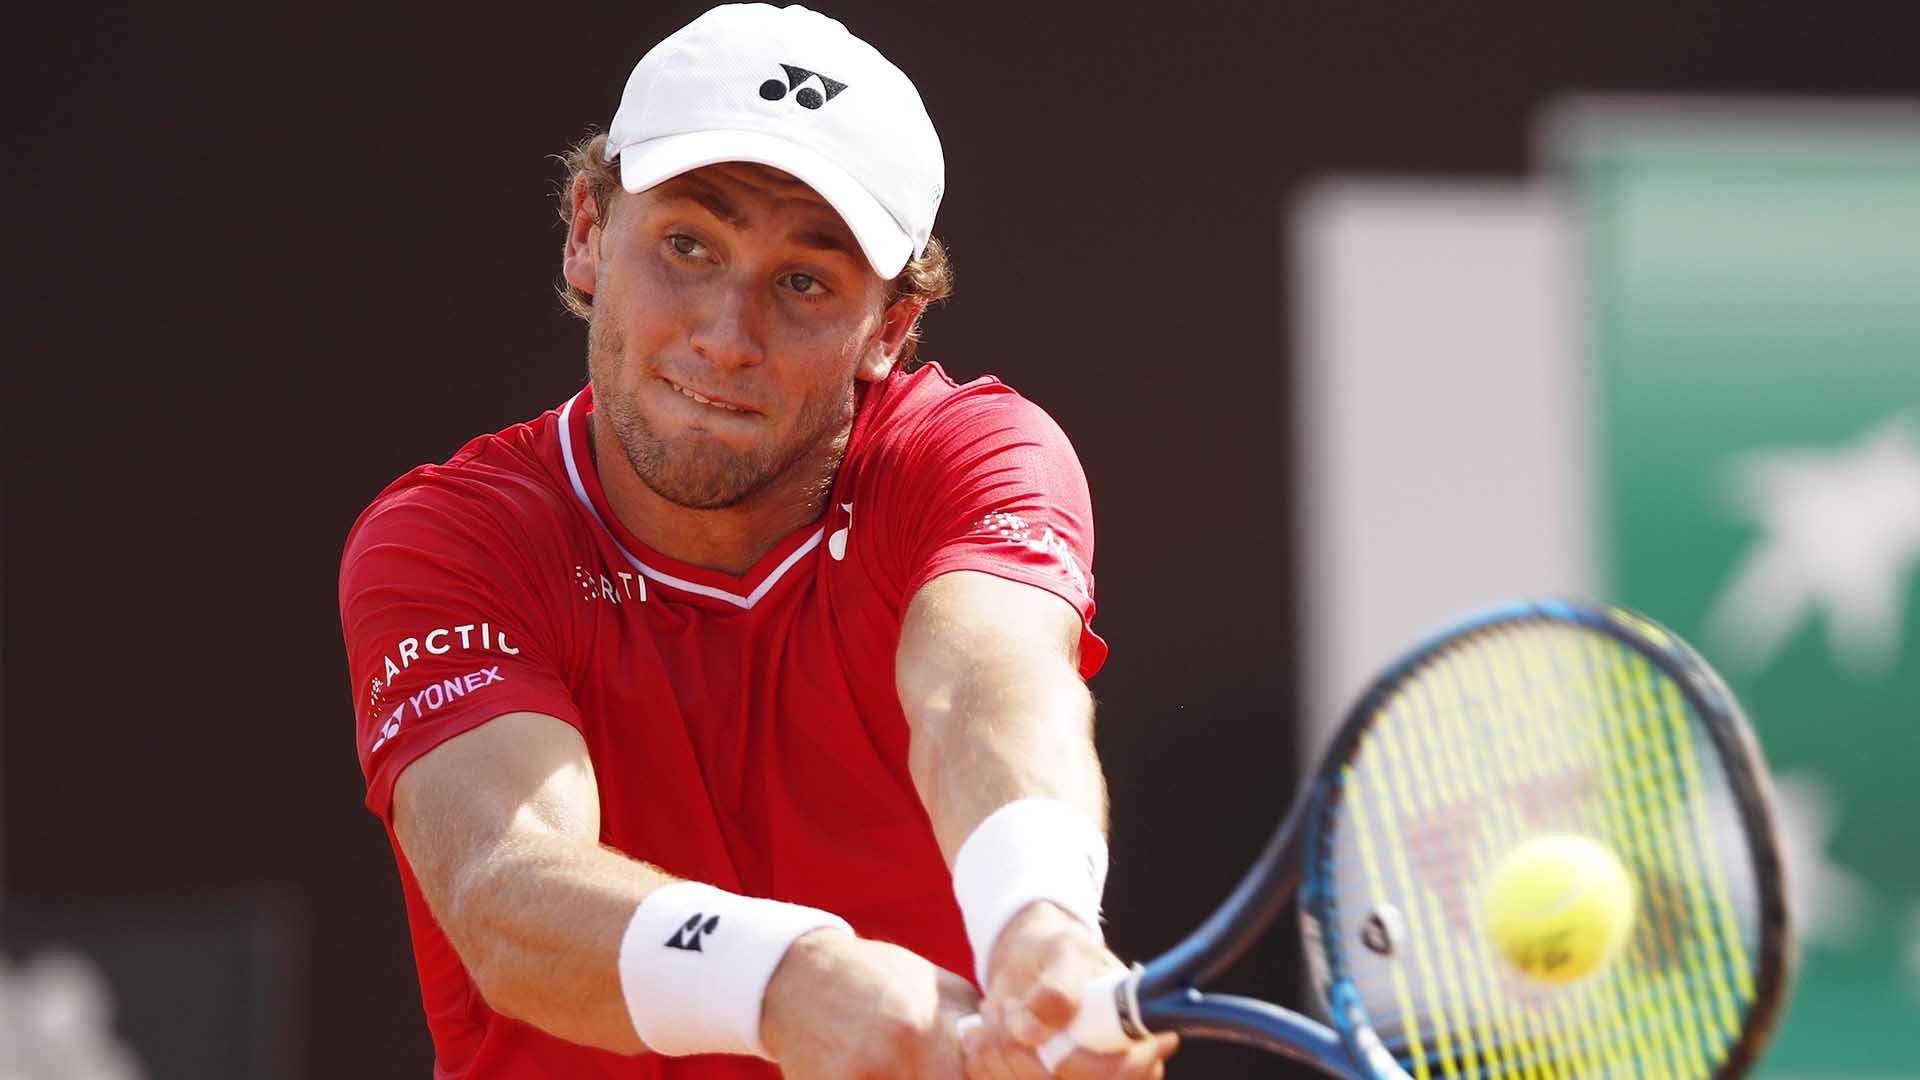 Casper Ruud Tennis Racquet